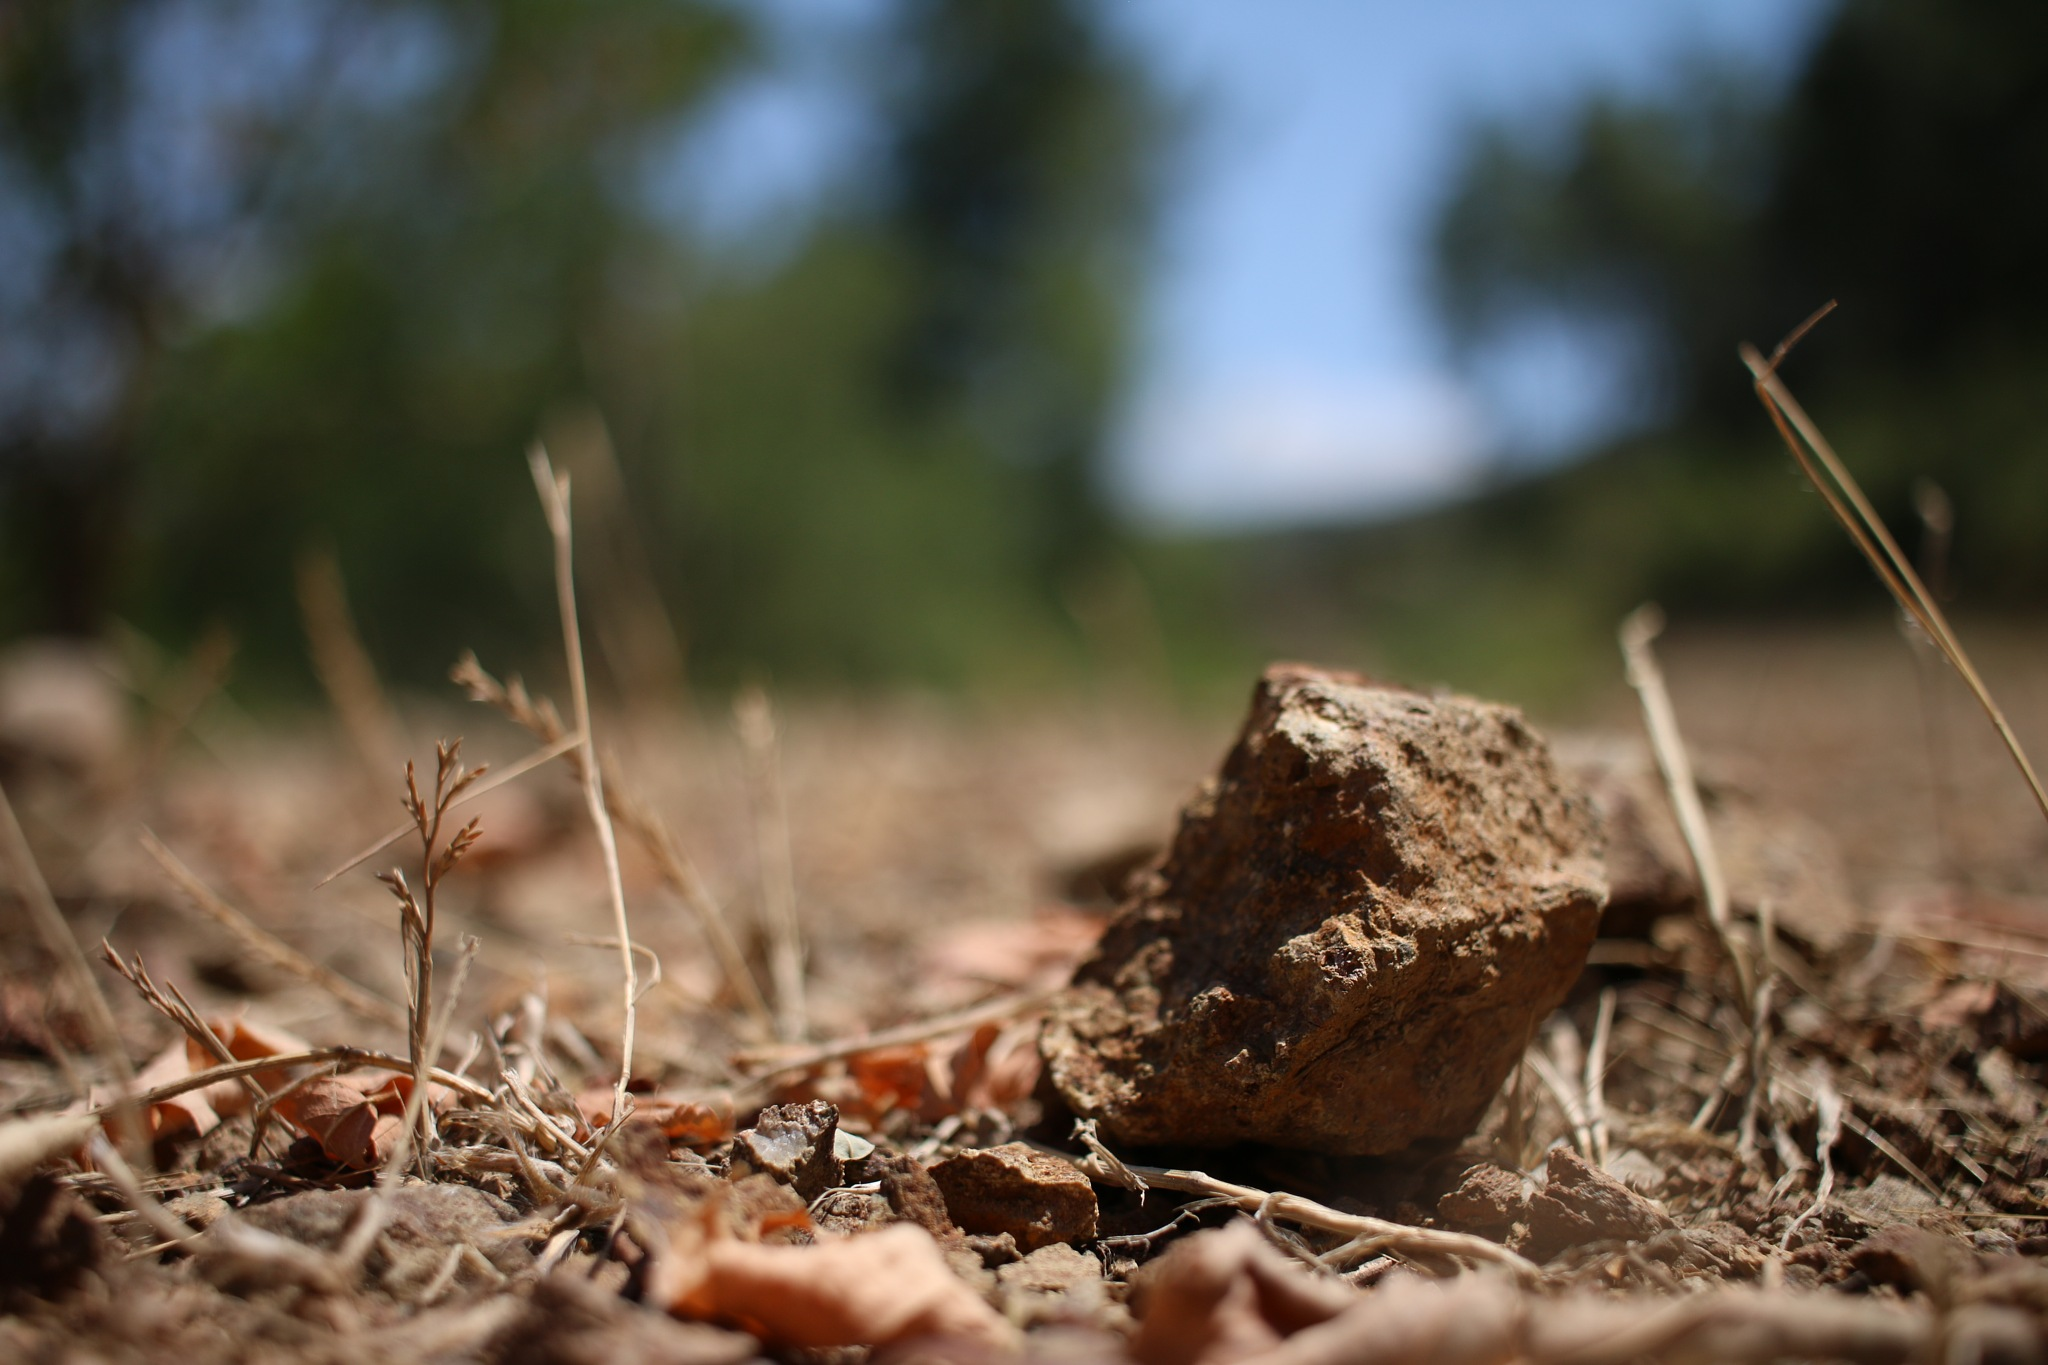 Dry Lands by Buğra Mert Alkayalar